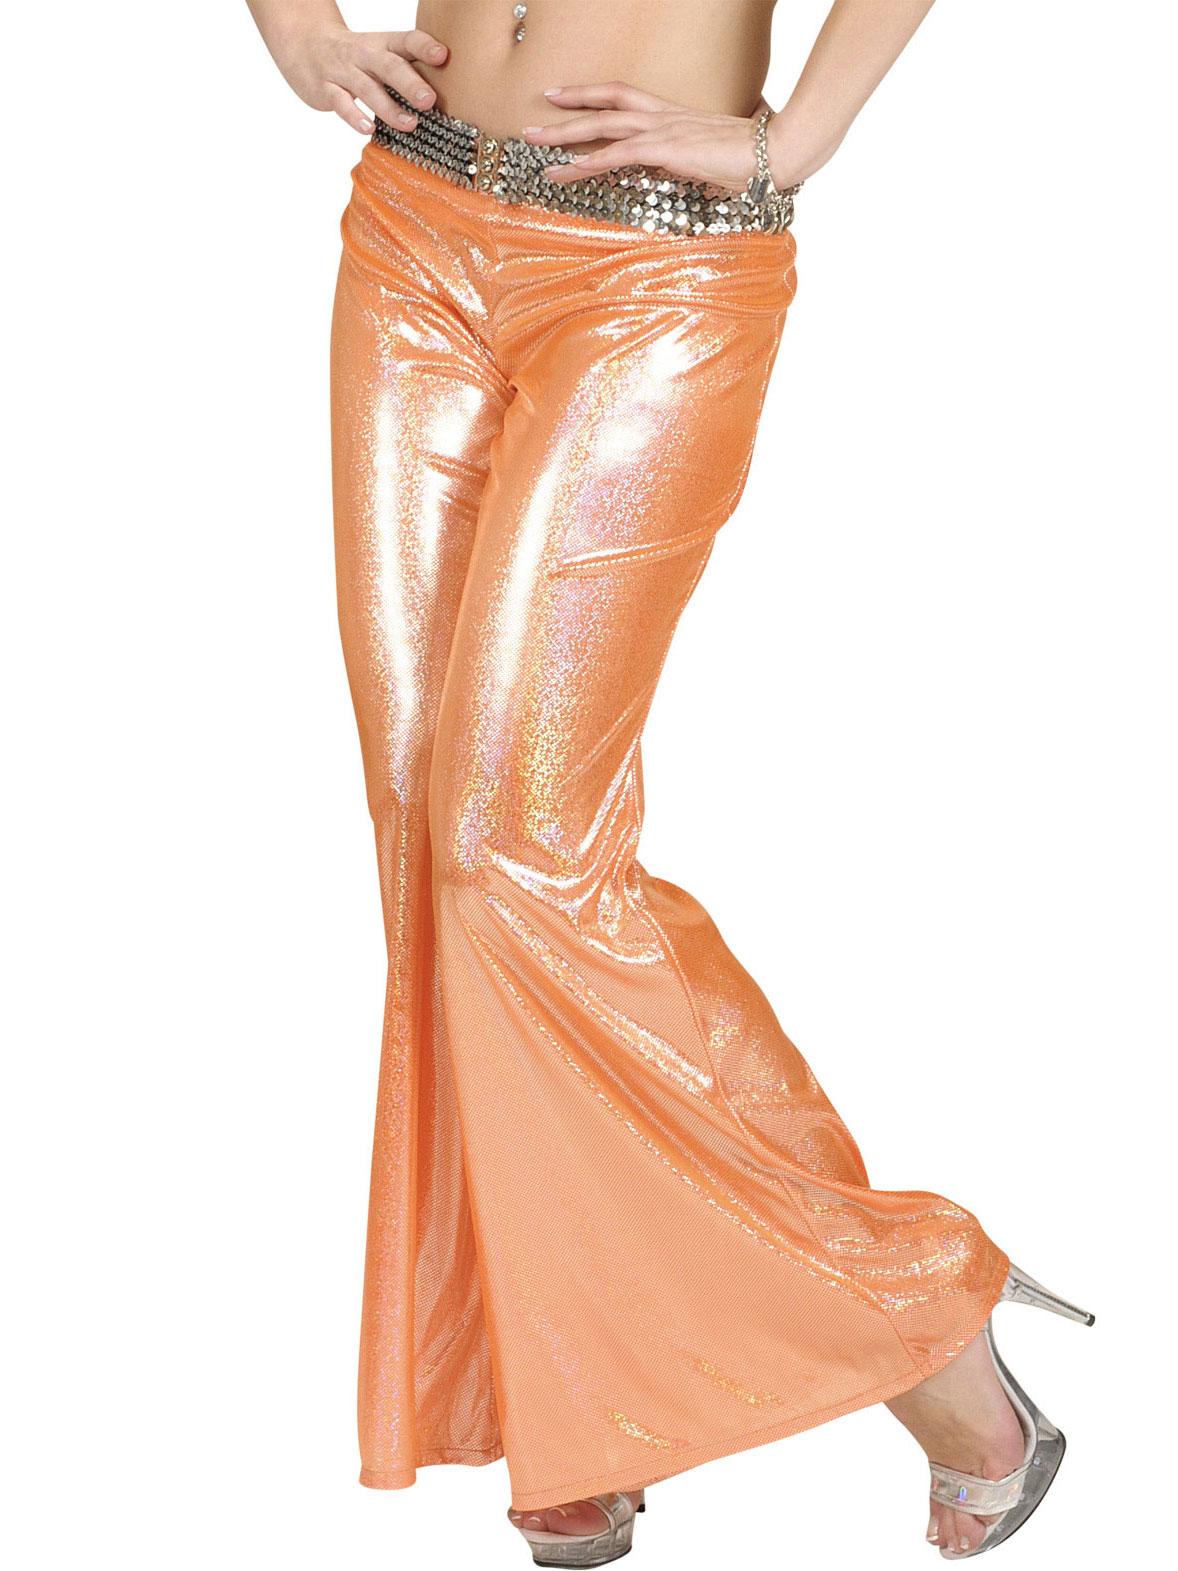 pantalon disco holographique orange femme deguise toi achat de d guisements adultes. Black Bedroom Furniture Sets. Home Design Ideas